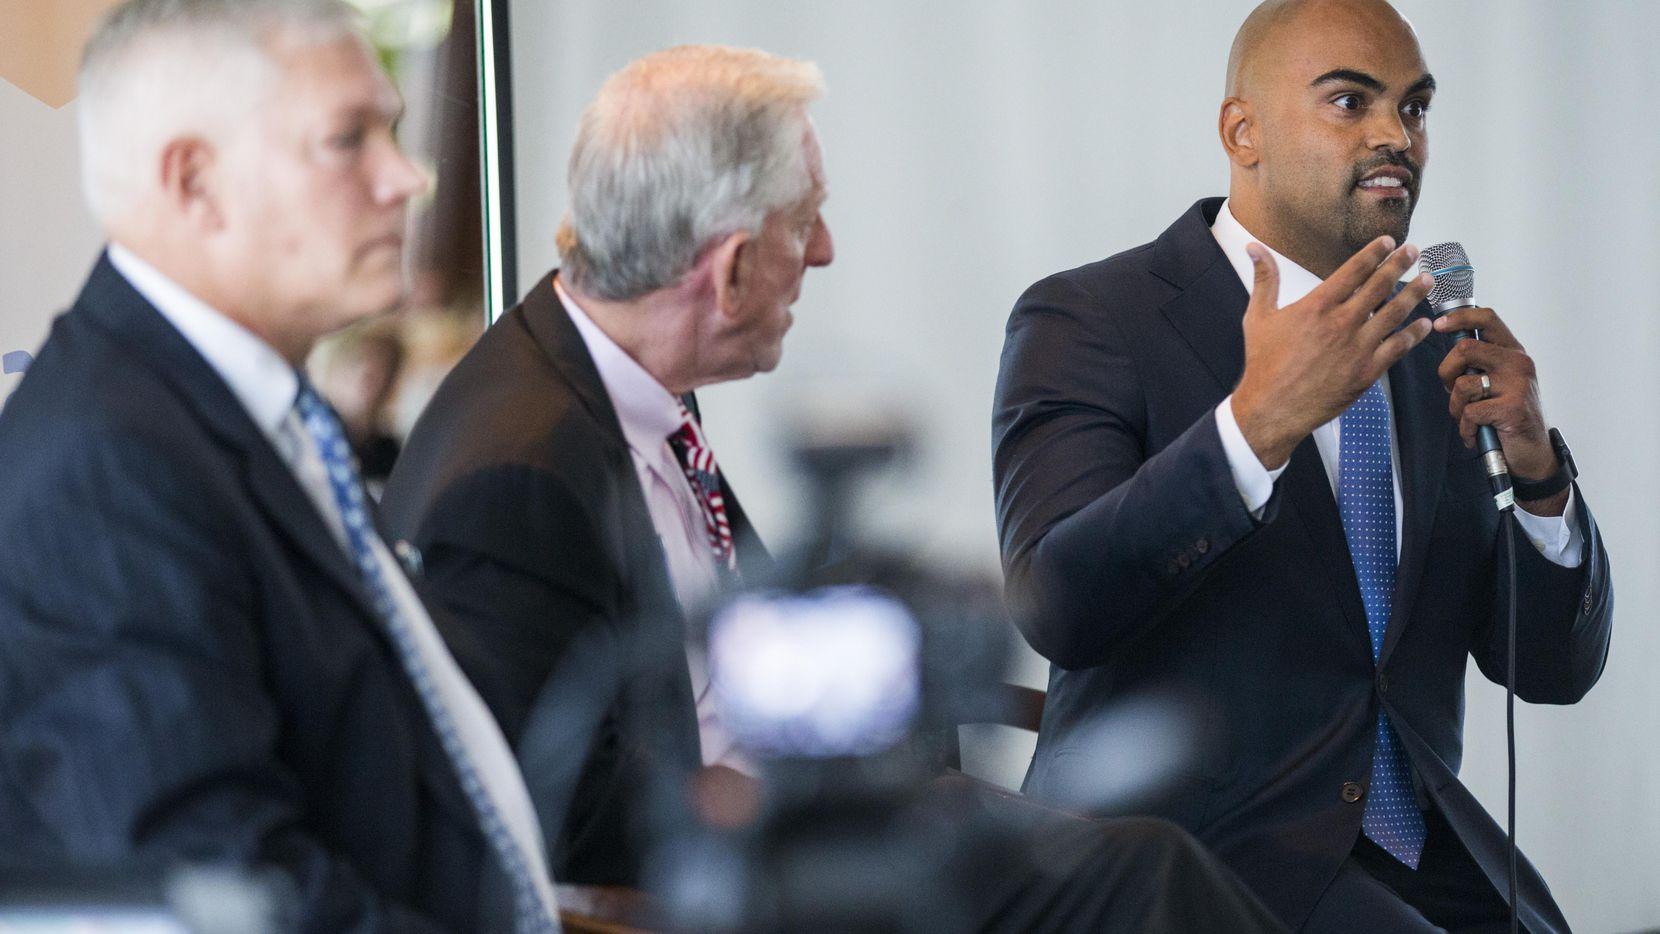 El candidato Colin Allred (der.) durante un debate con Pete Sessions (izq.), en el Club Rotario de Dallas.  ASHLEY LANDIS/DMN